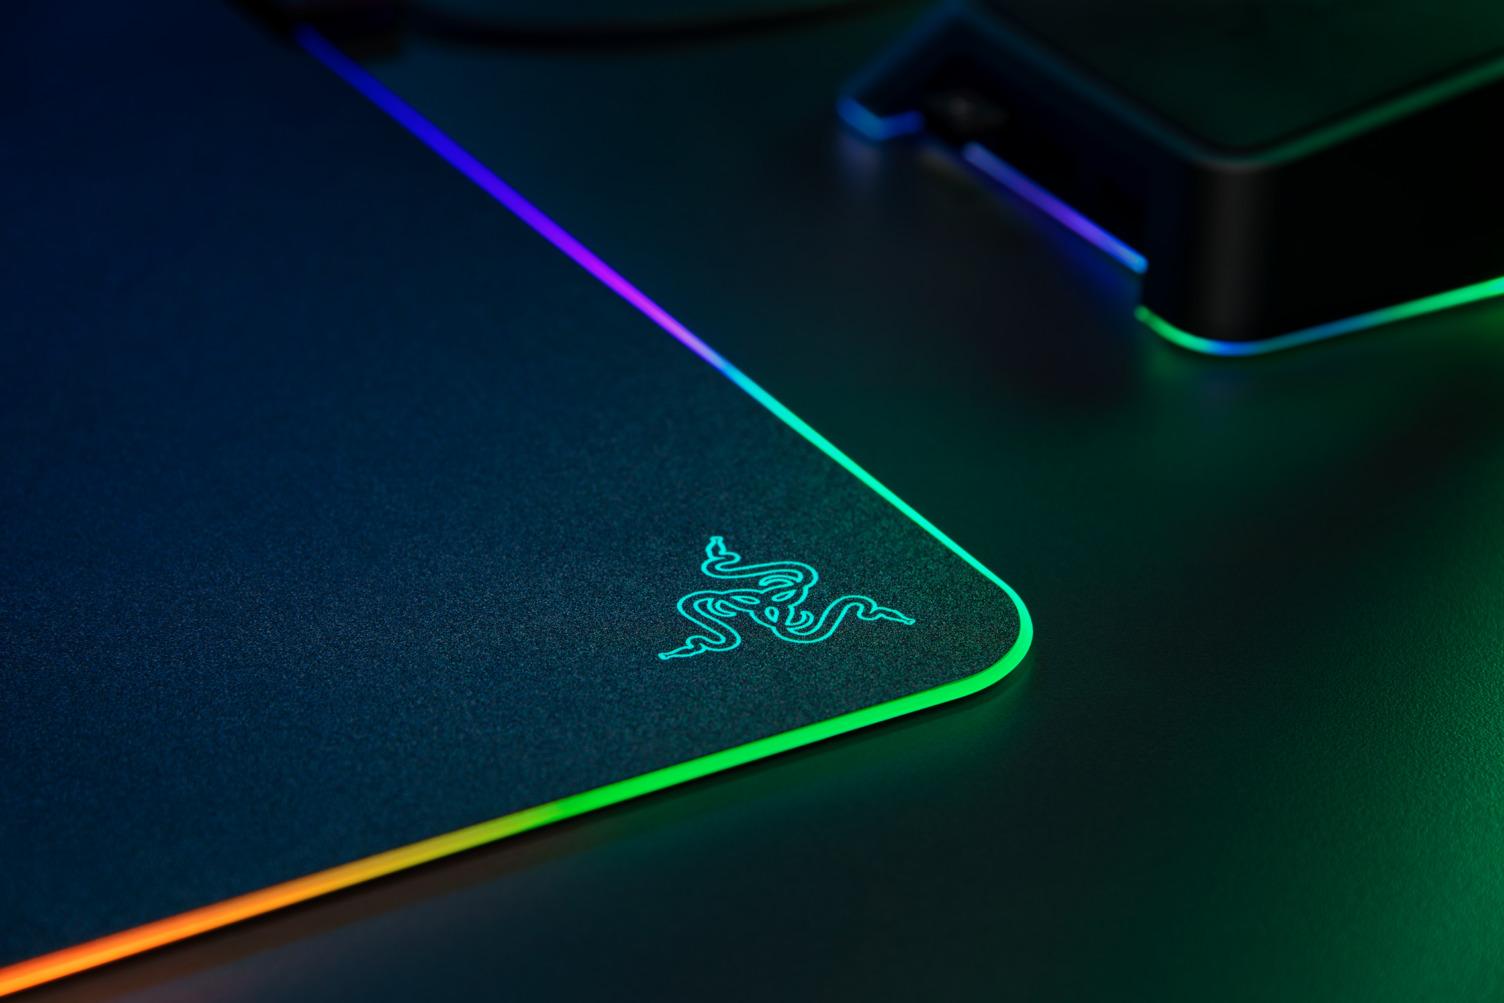 Razer Firefly V2